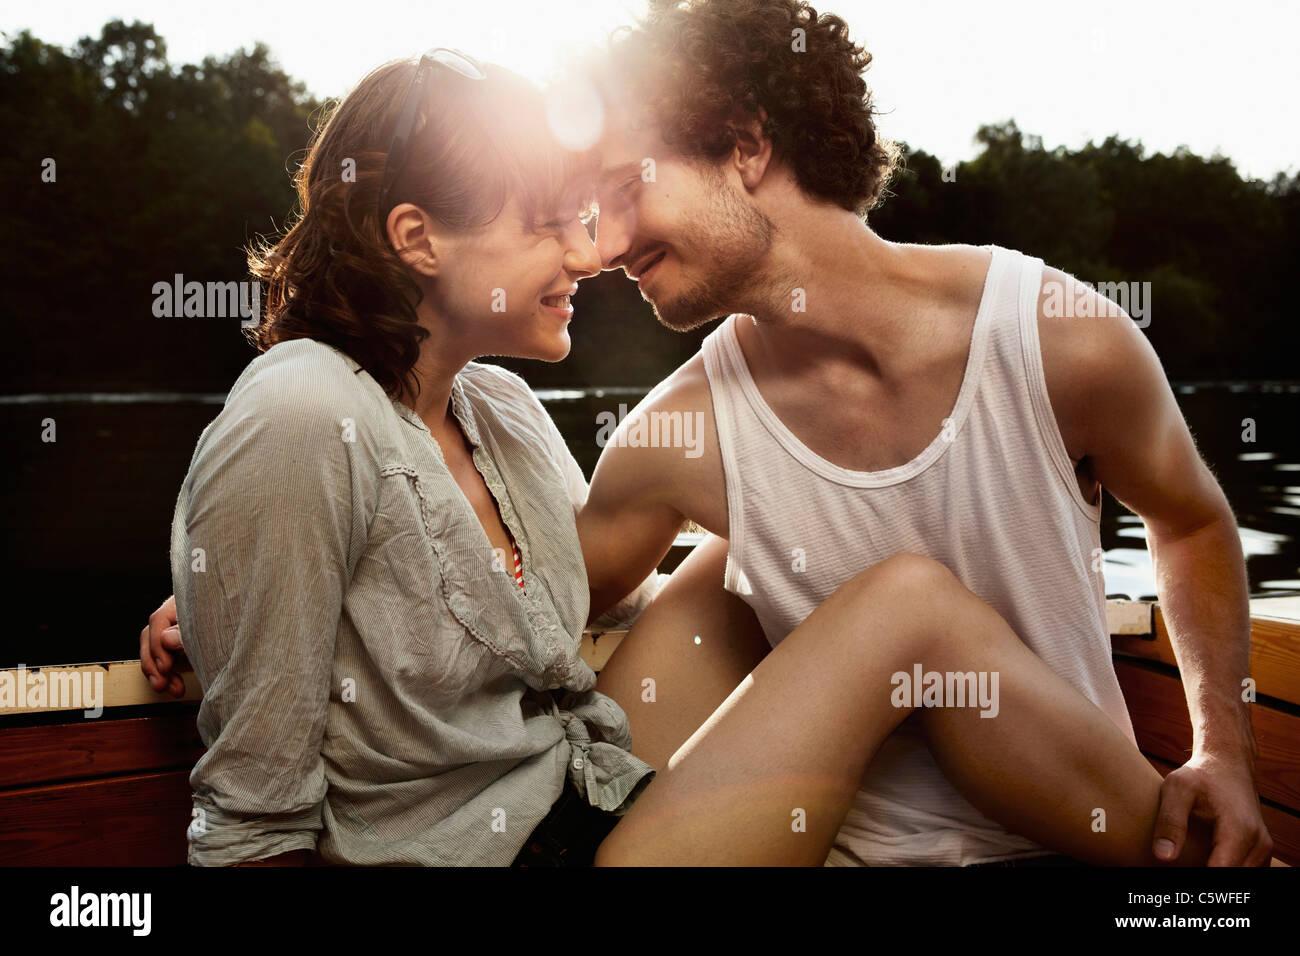 Deutschland, Berlin, junges Paar auf Motorboot, Kopf an Kopf, Porträt Stockfoto